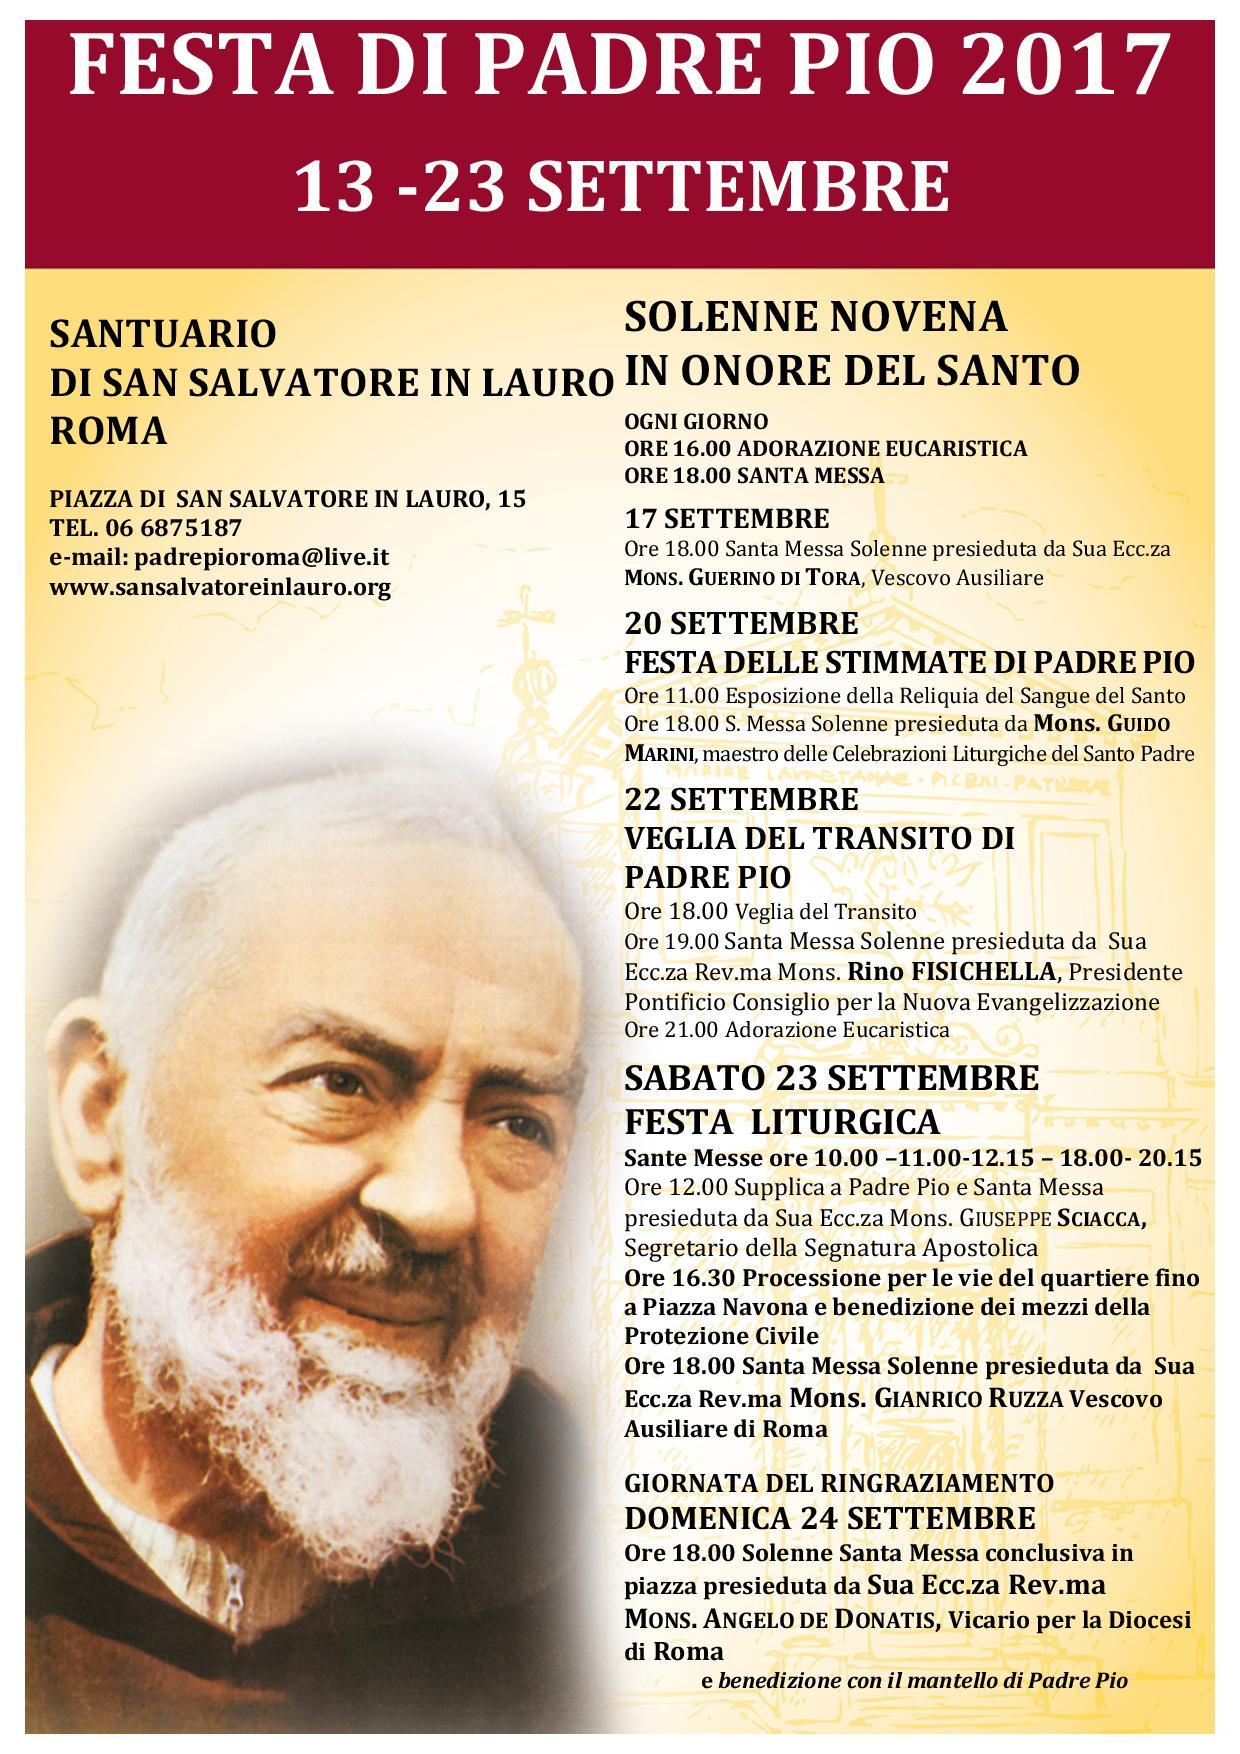 Festa di Padre Pio 2017